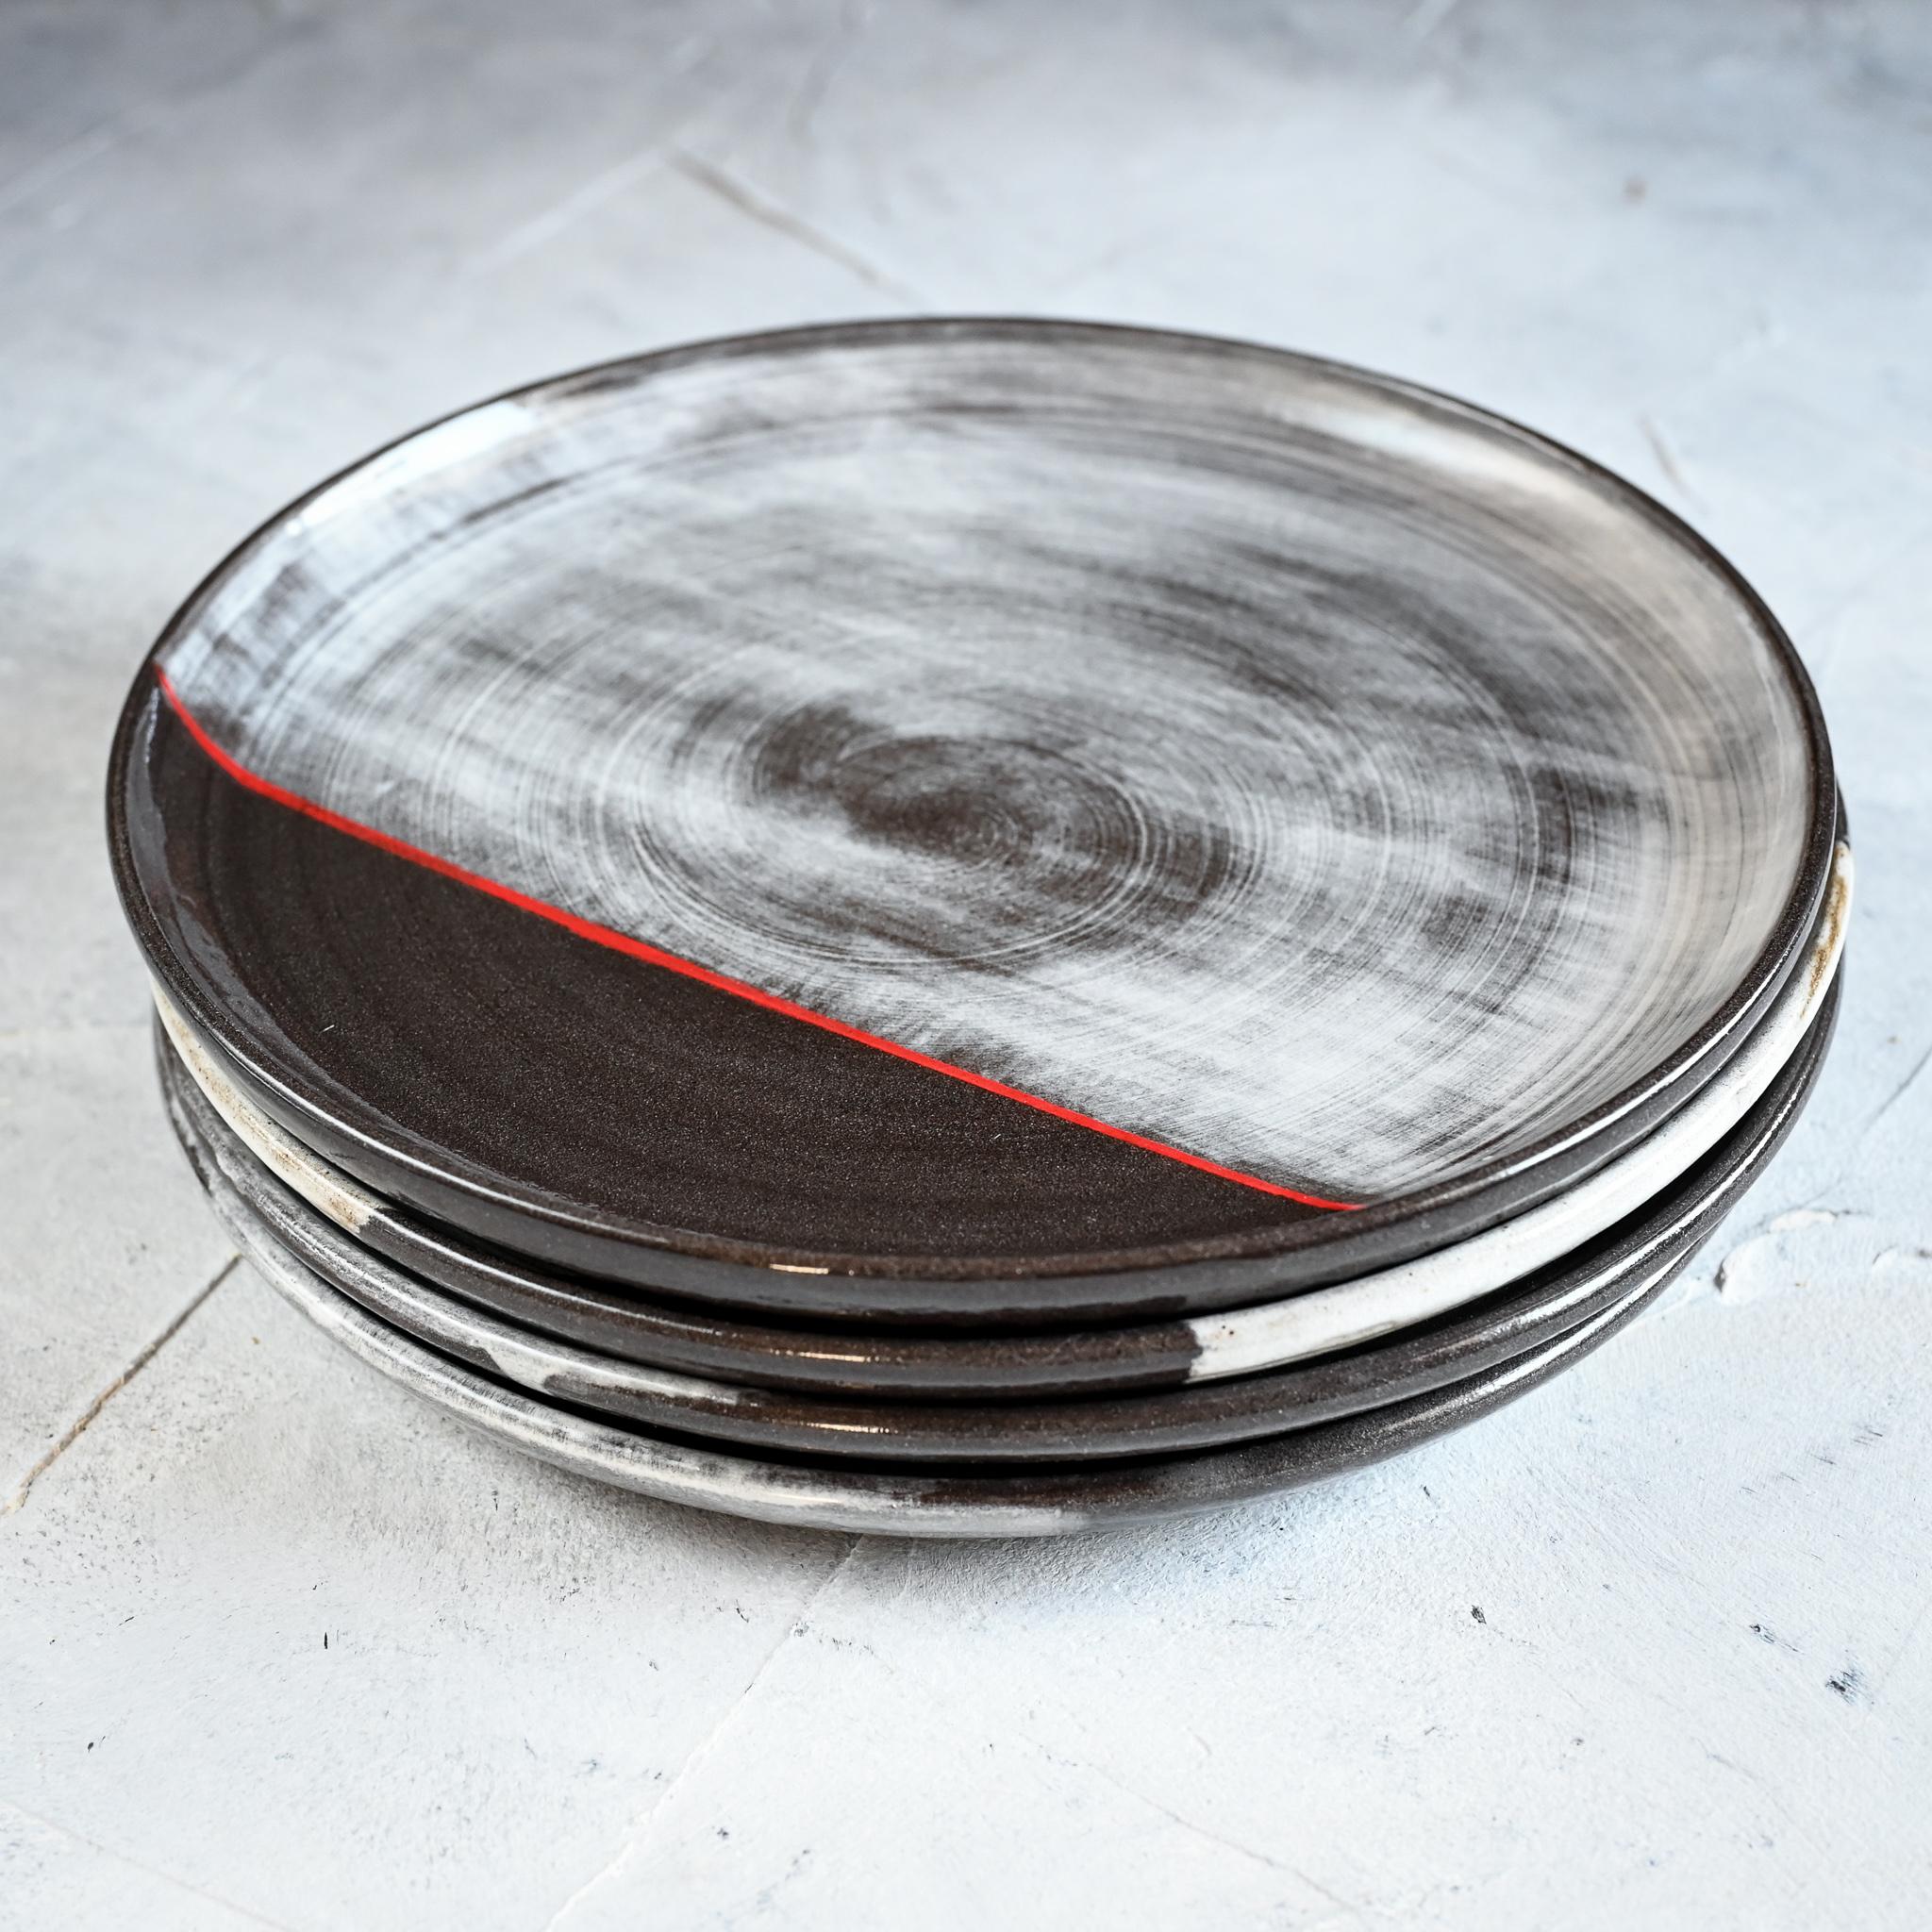 """картинка Тарелка из серии """"Минимализм"""" 3 - DishWishes.Ru"""